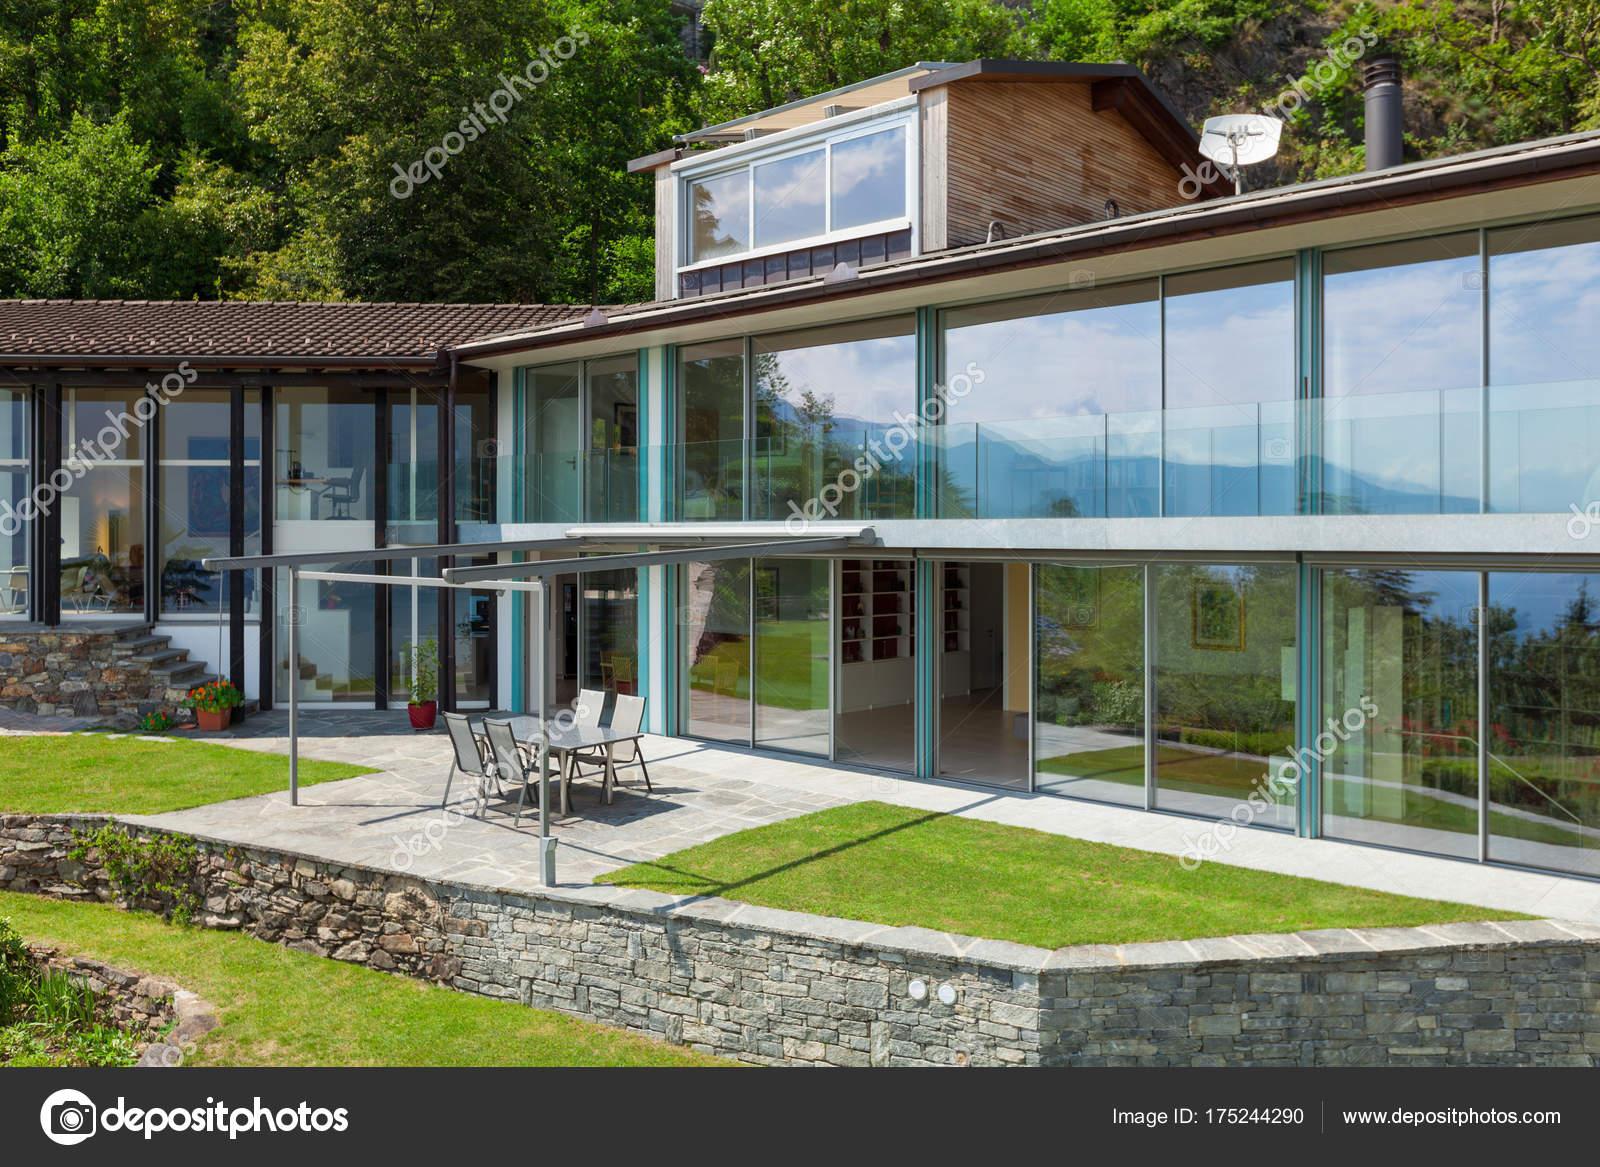 Architektur, Haus Außenansicht — Stockfoto © Zveiger #175244290